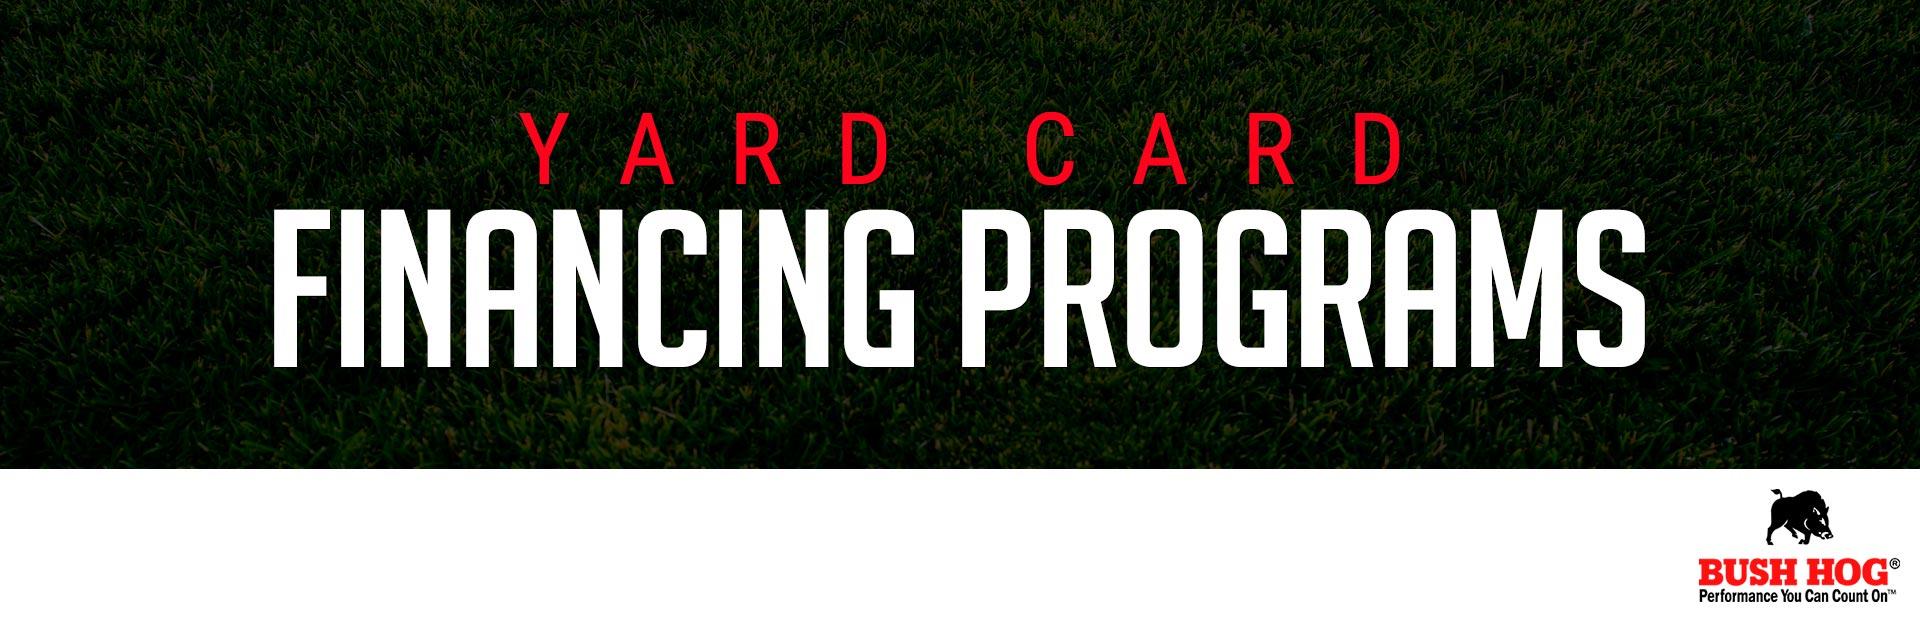 Bush Hog - Bush Hog – Yard Card Financing Programs Arden